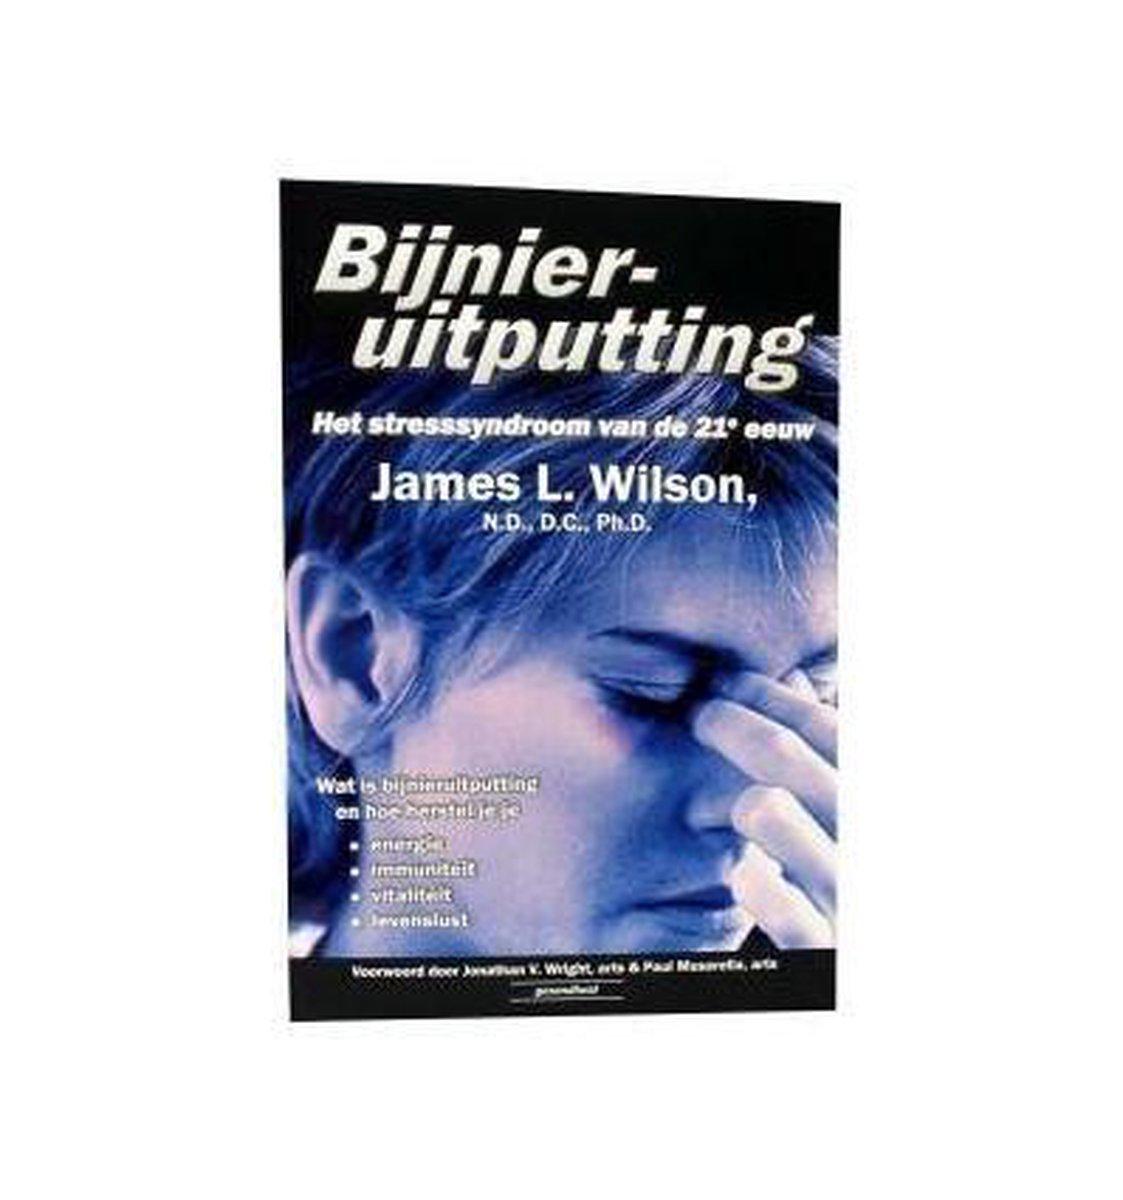 Bijnieruitputting - James L. Wilson